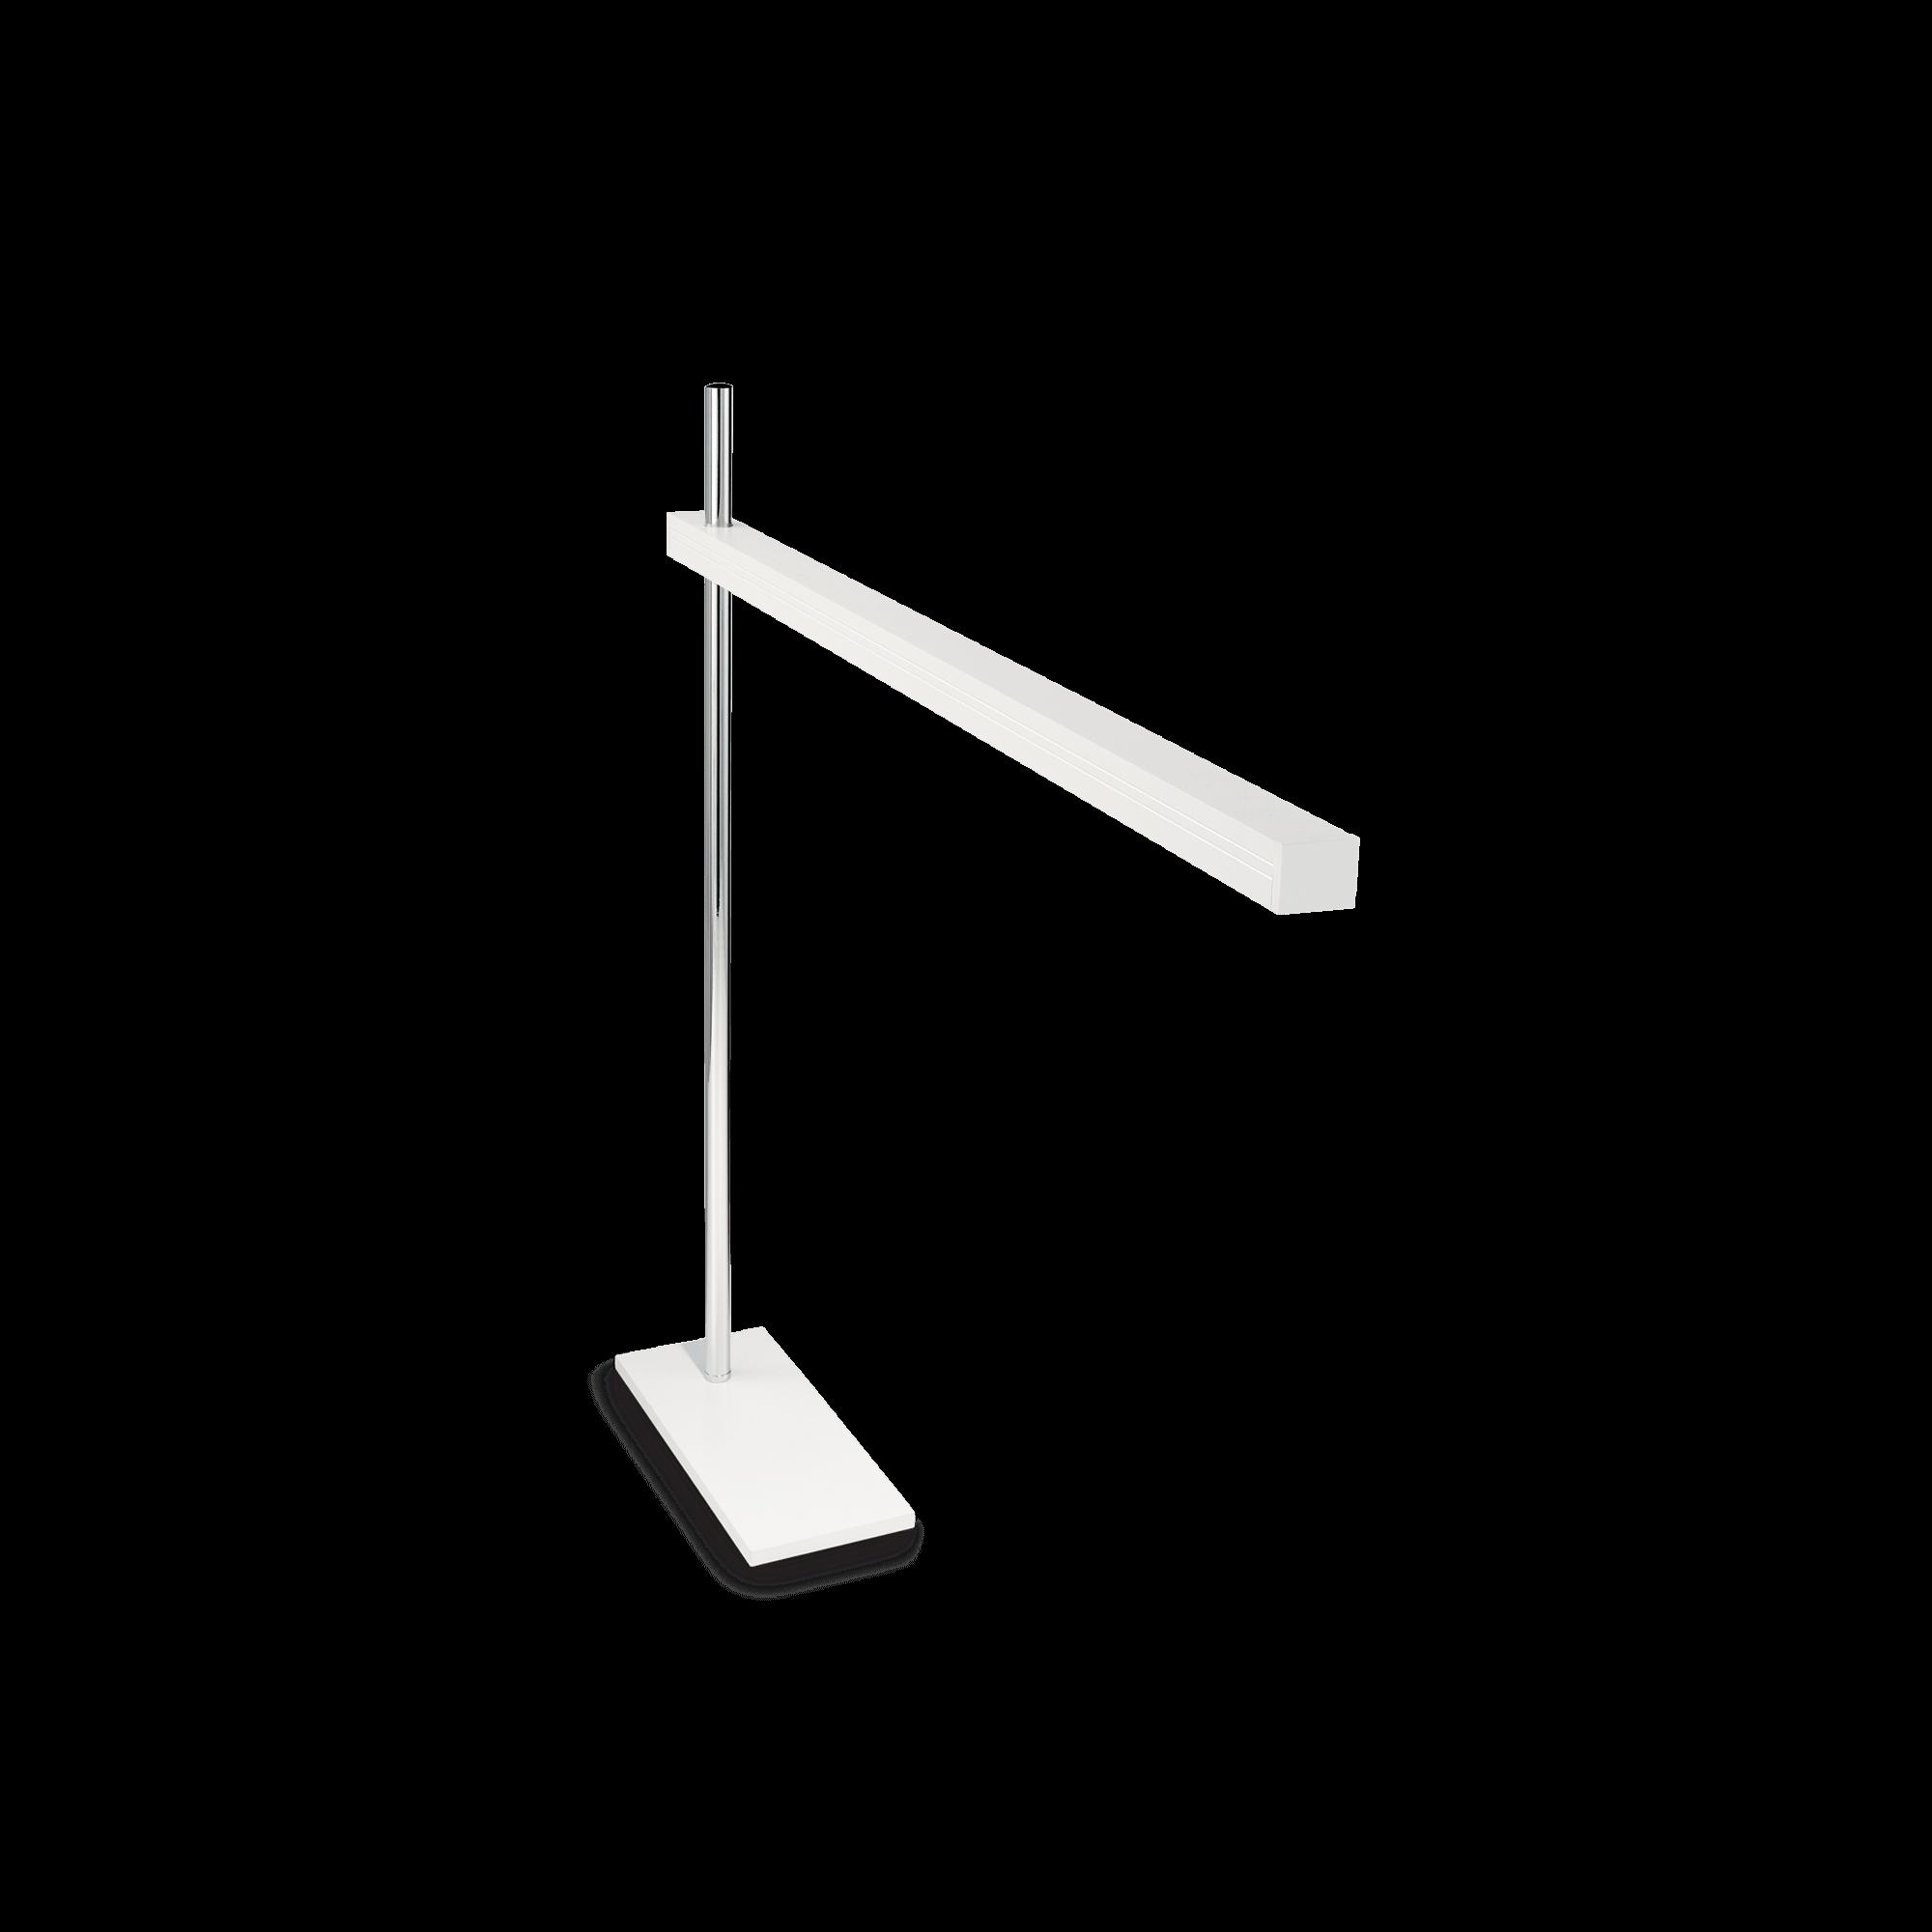 Ideal Lux 147642 GRU TL105 BIANCO asztali lámpa